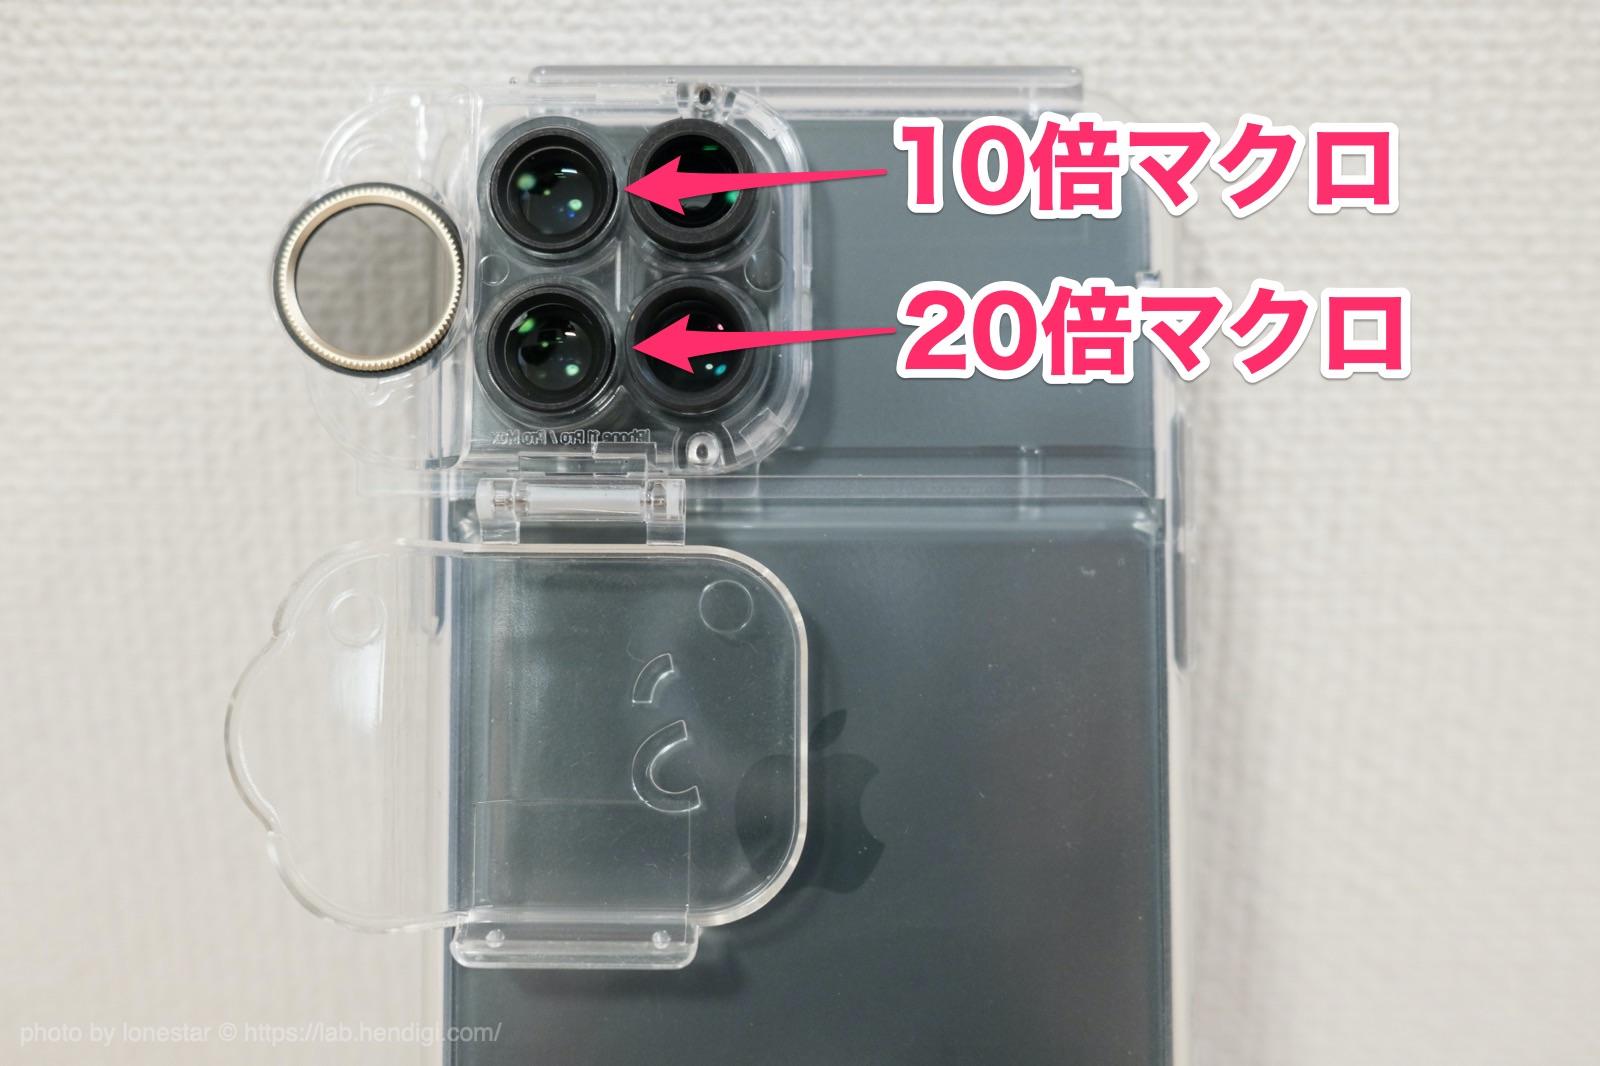 iPhone 11 Pro マクロ撮影